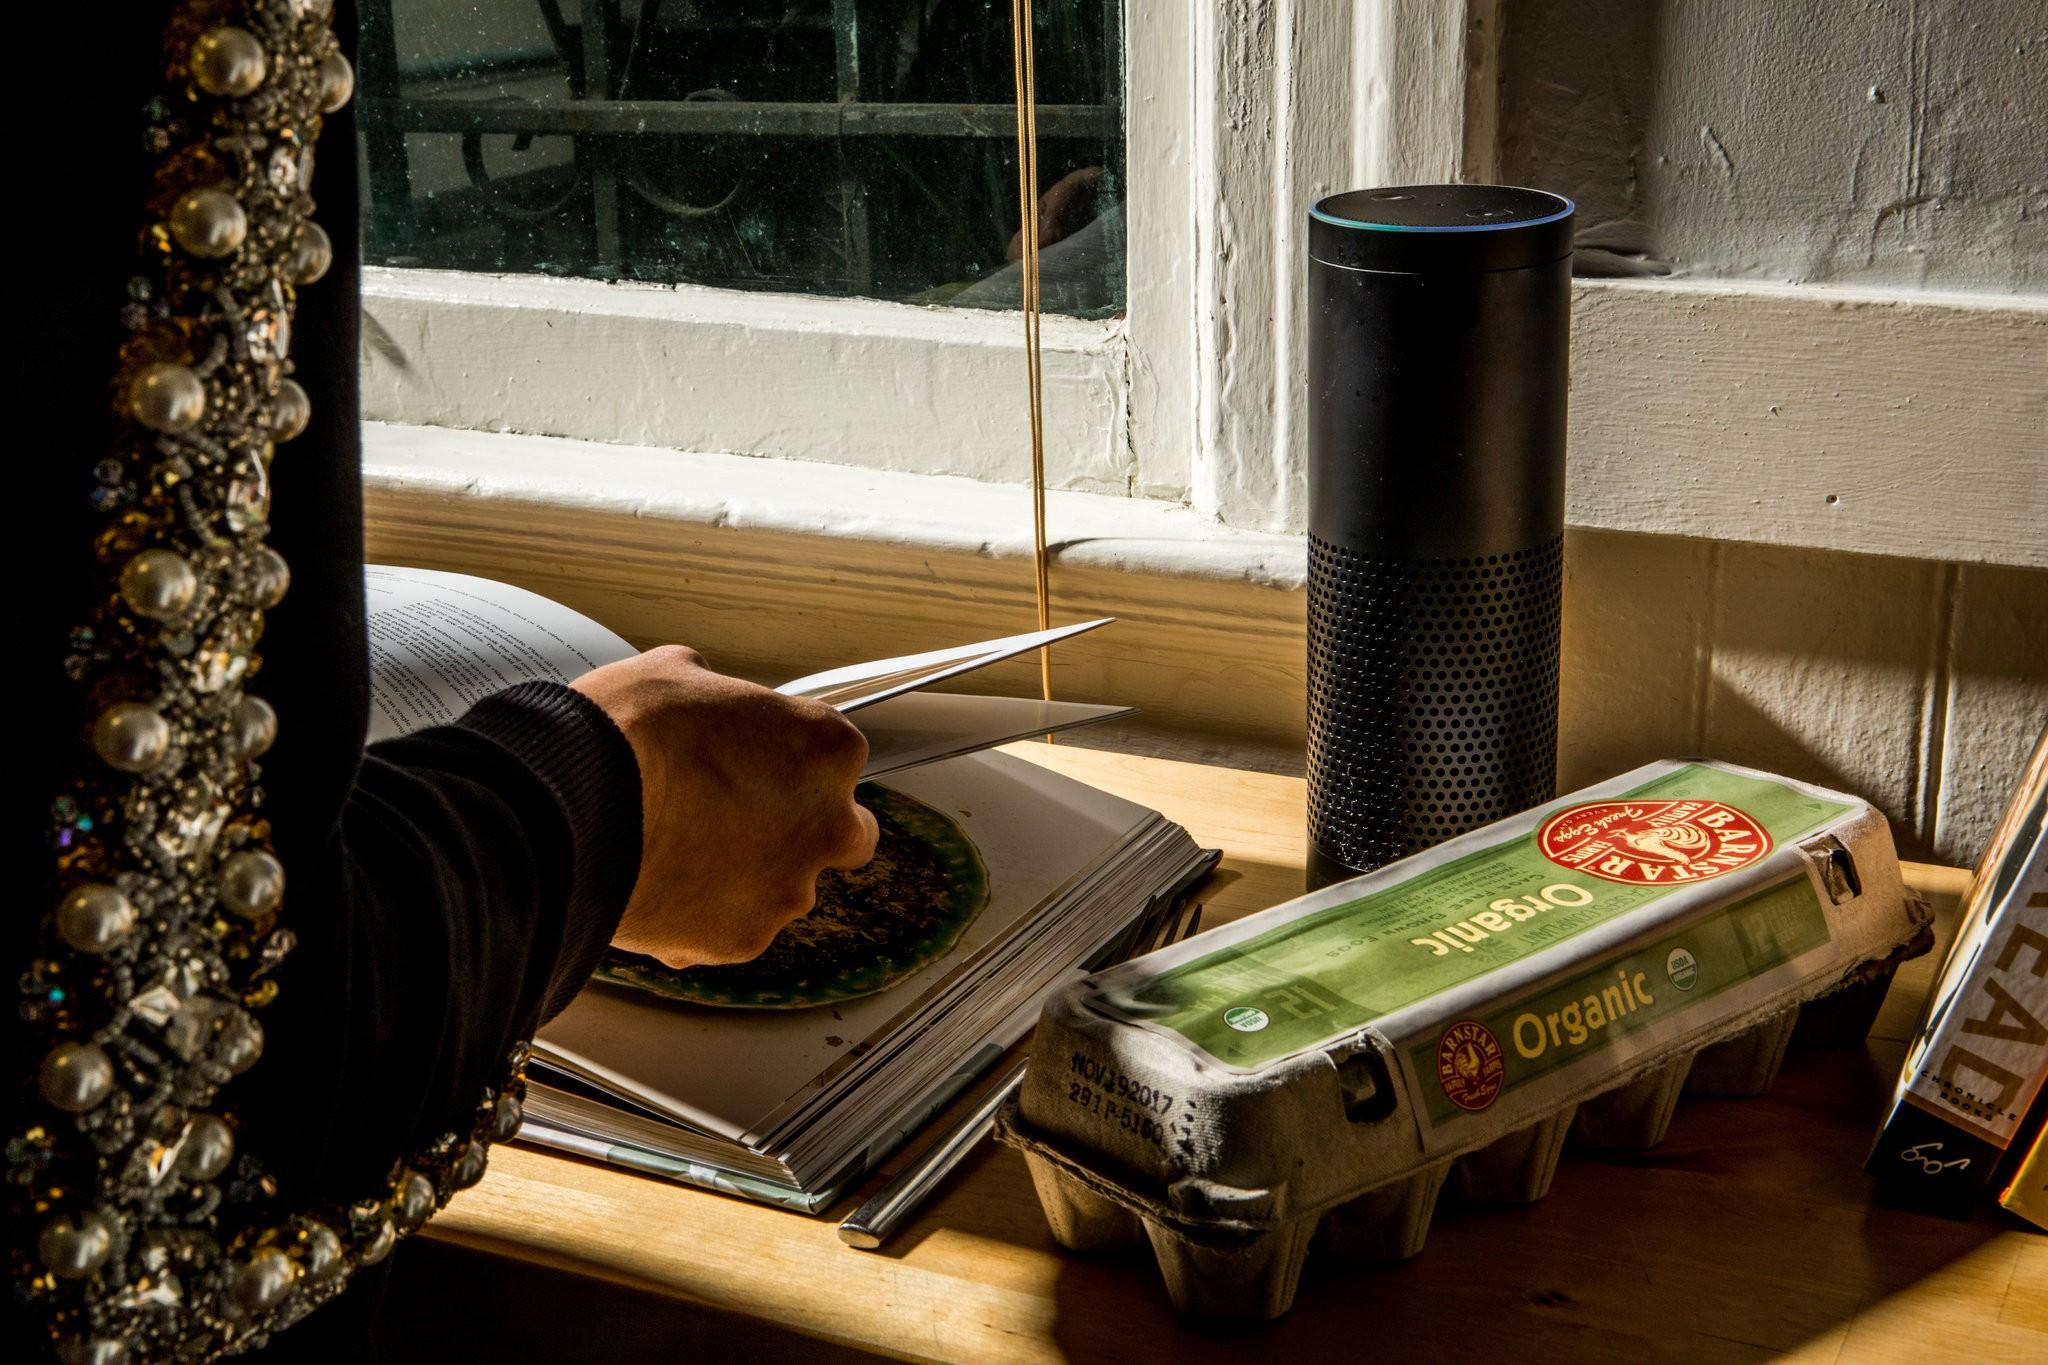 Цифровые помощники слушаются команд, которые неслышимы для человека